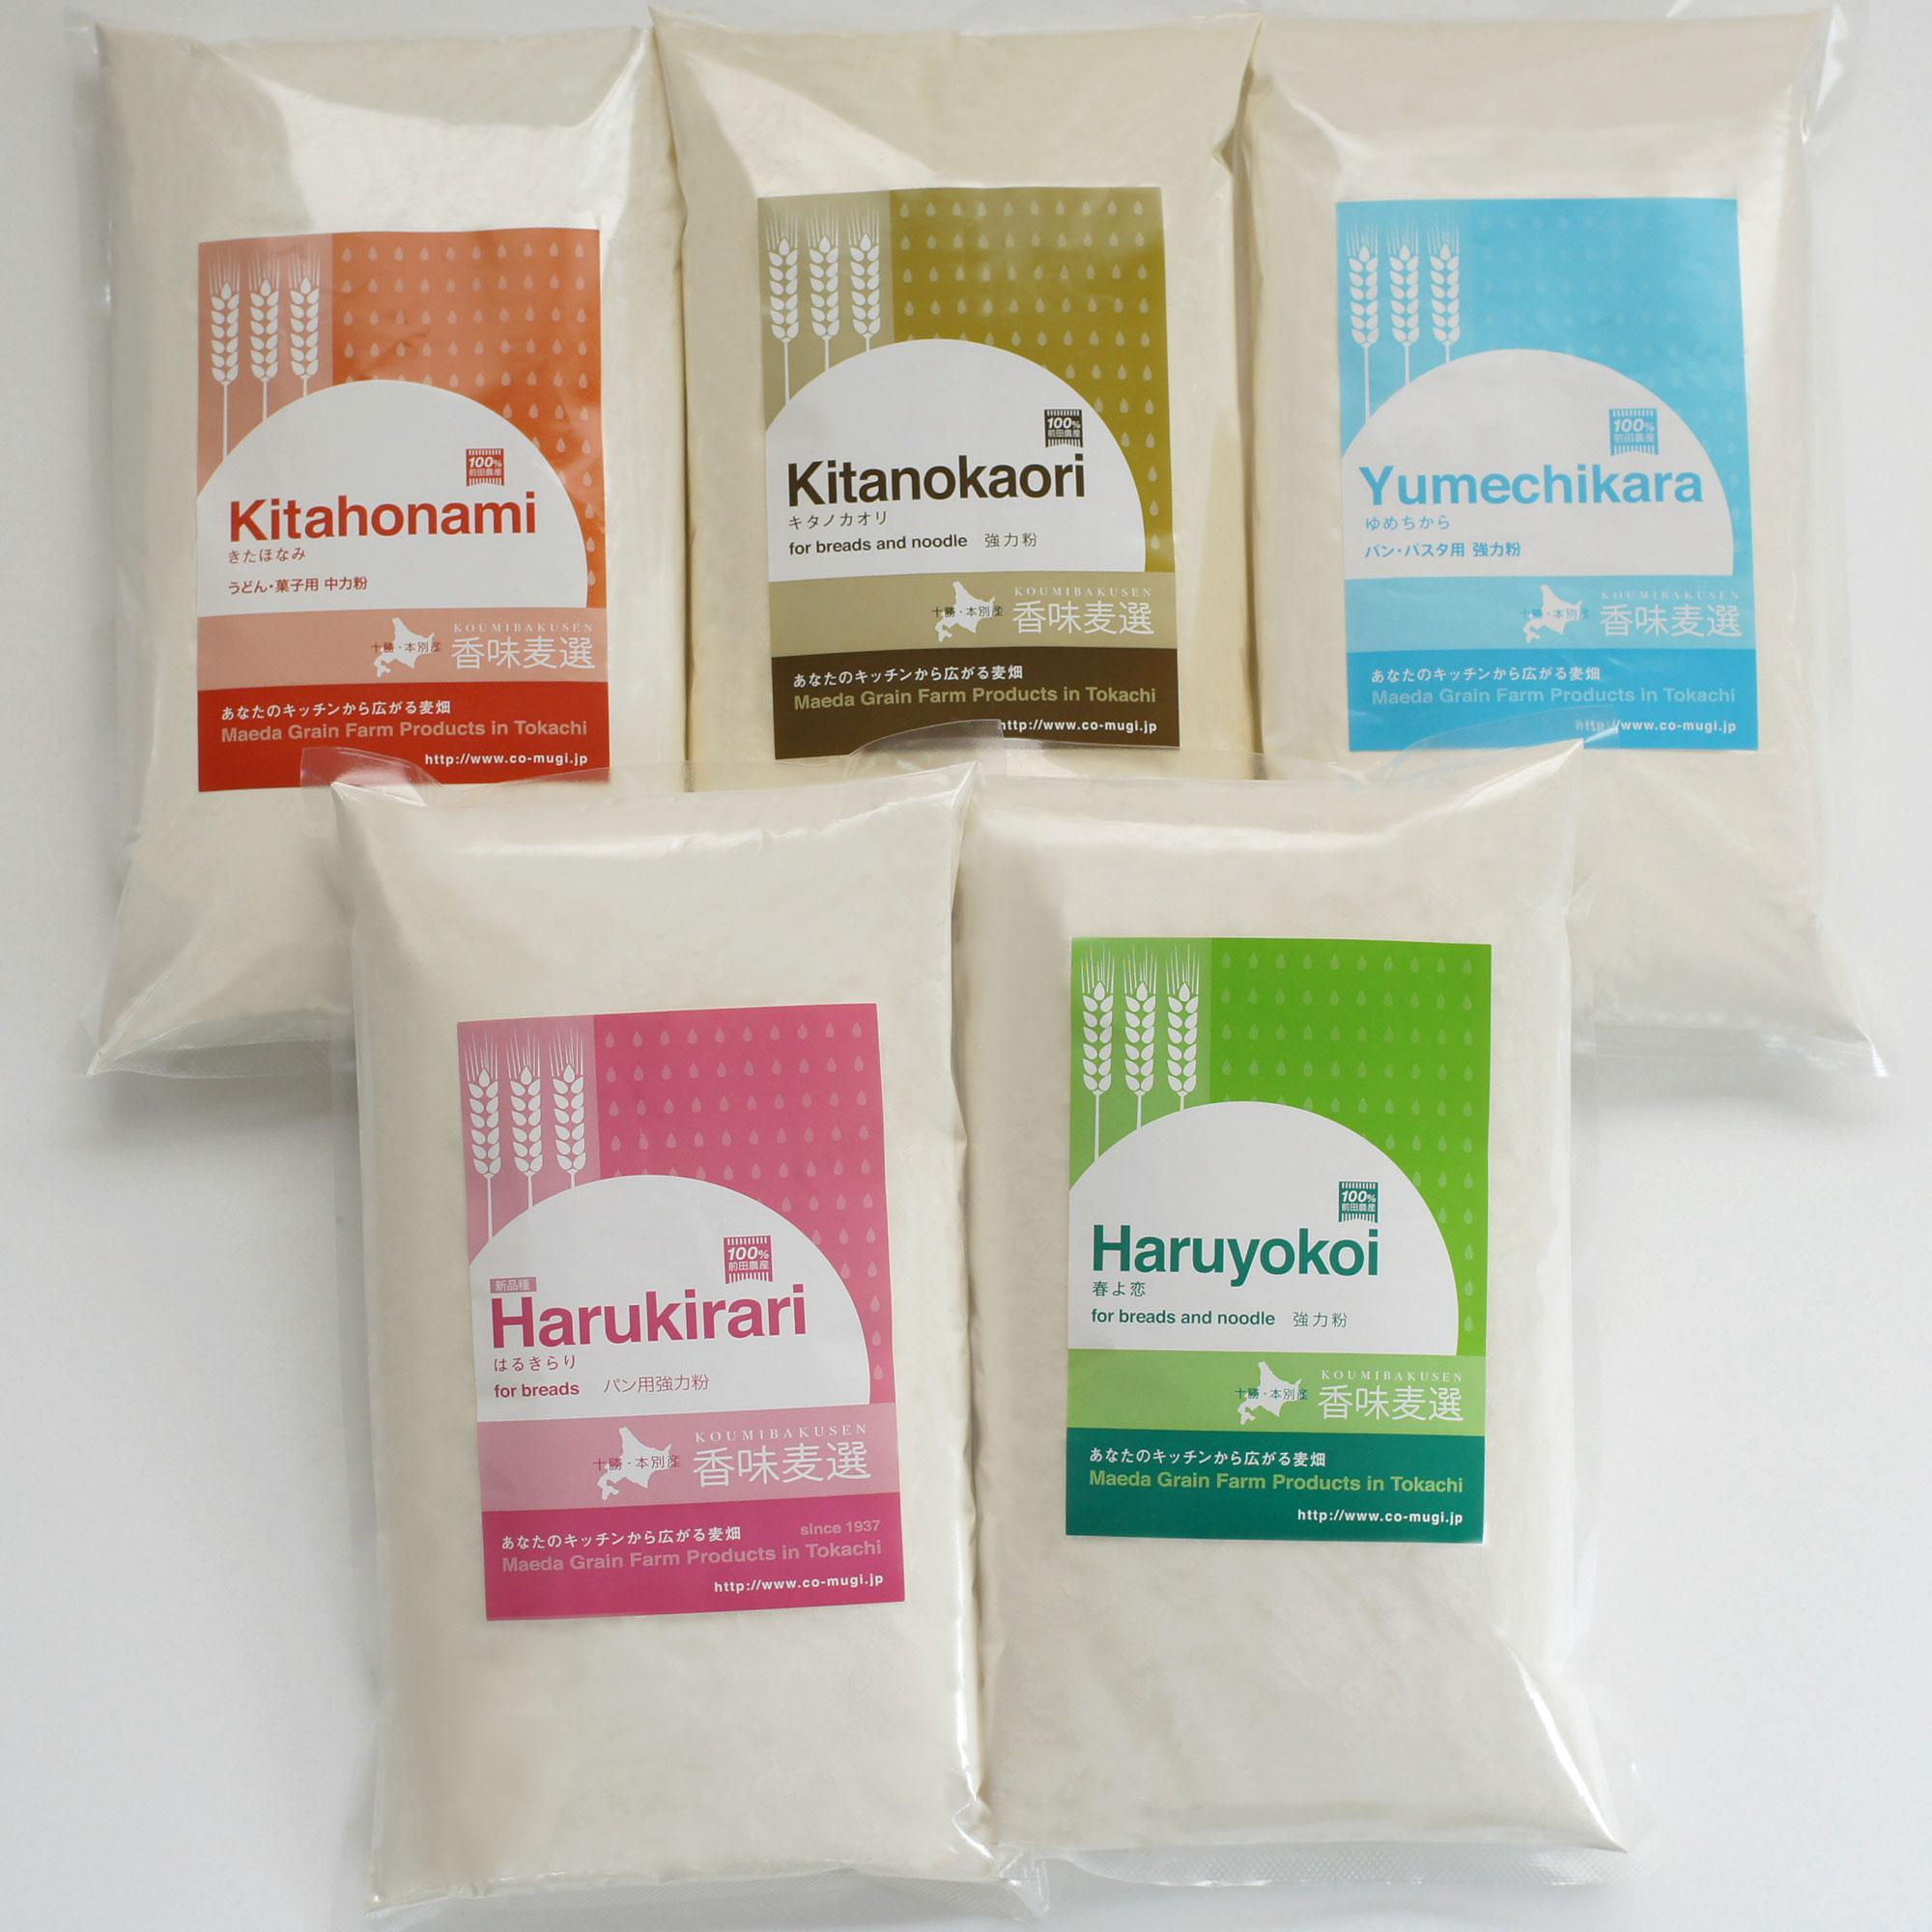 【前田農産の十勝・ほんべつ町産100%小麦粉】アラカルト1KG 5袋セット